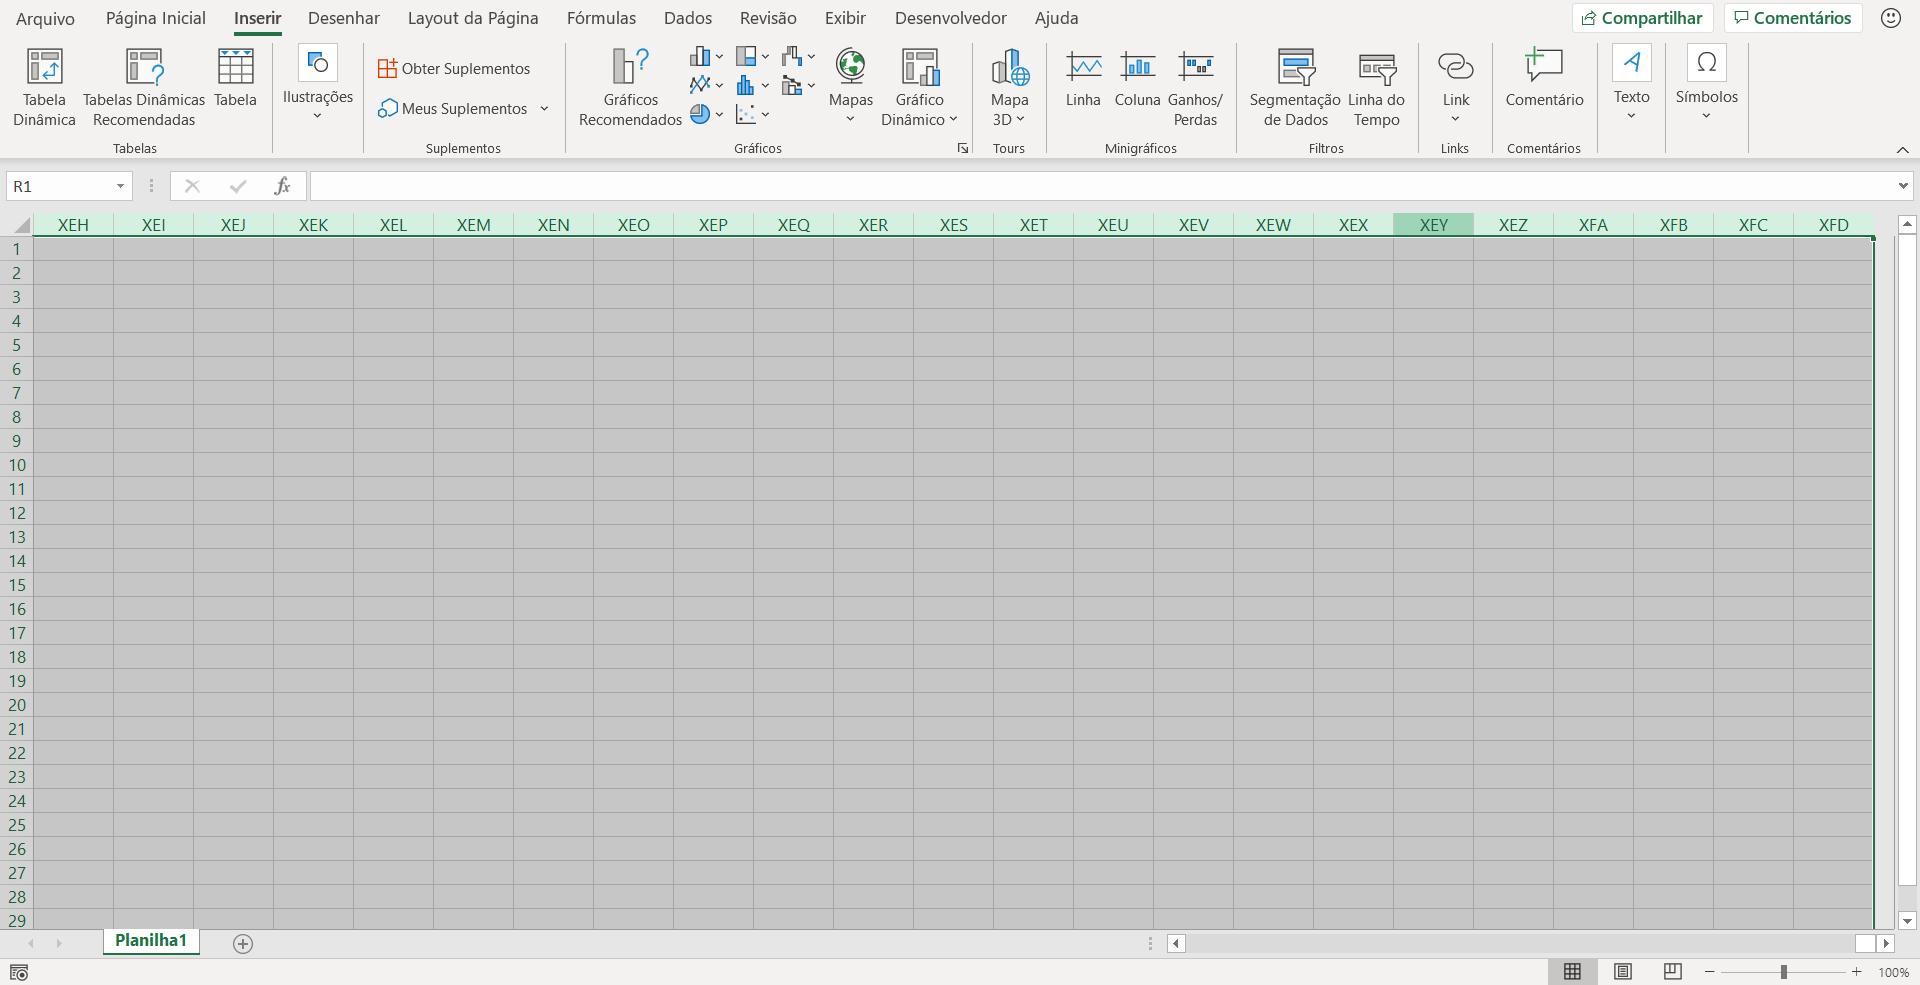 Seleção das colunas a partir da coluna R da Planilha Excel